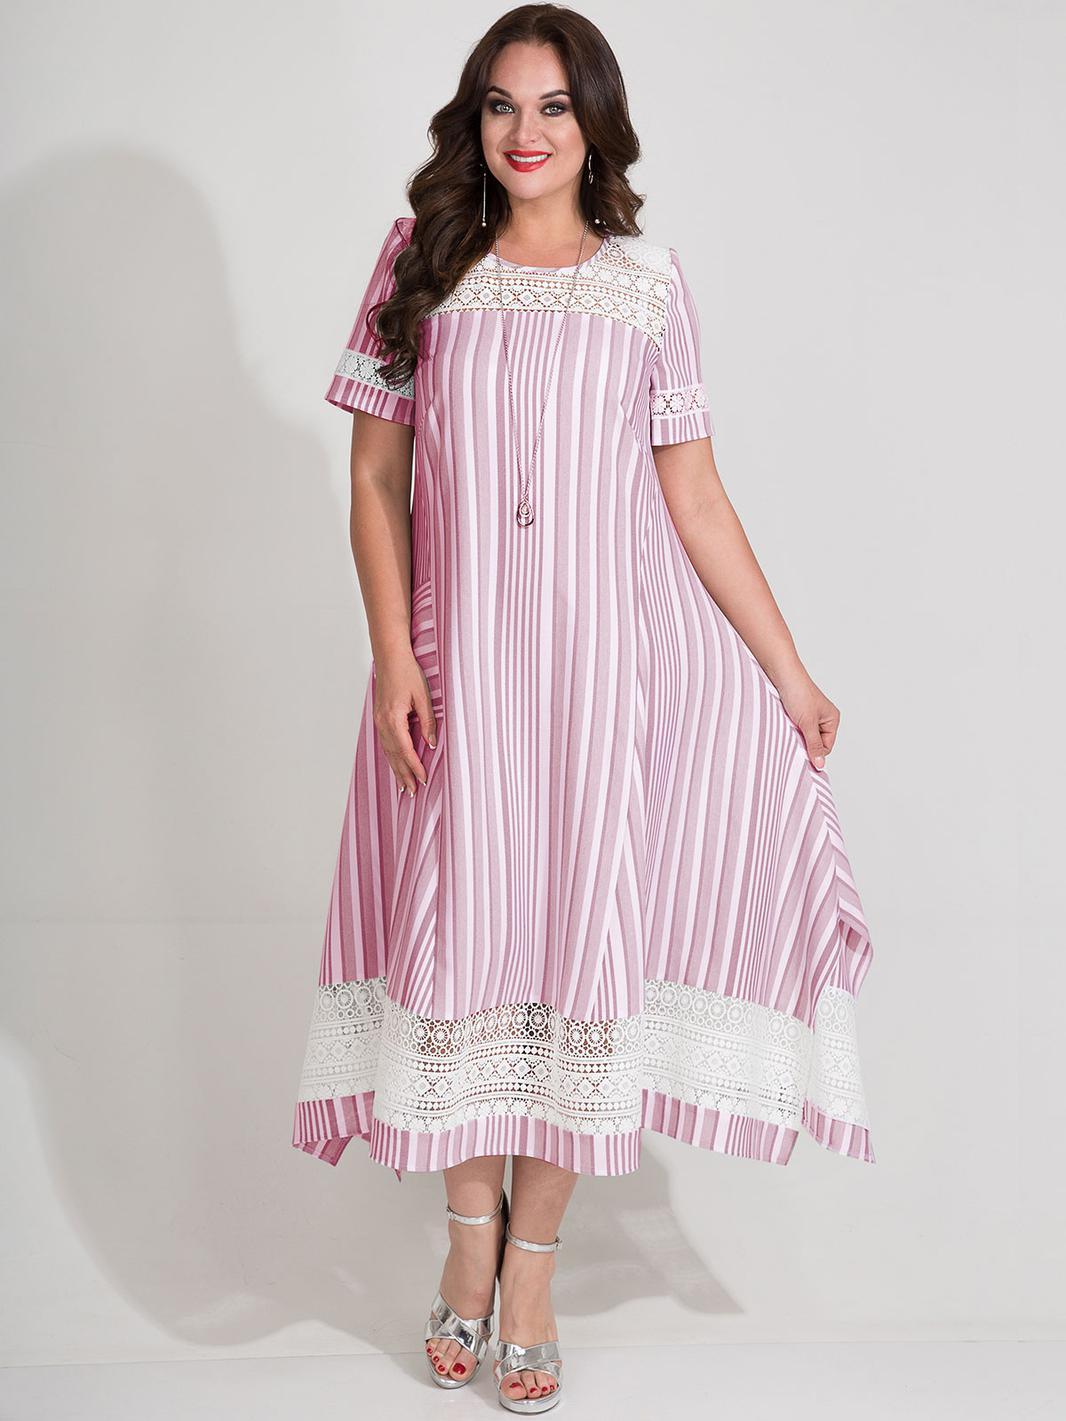 b414d73772c Купить платье в интернет-магазине в Минске. Белорусские женские платья